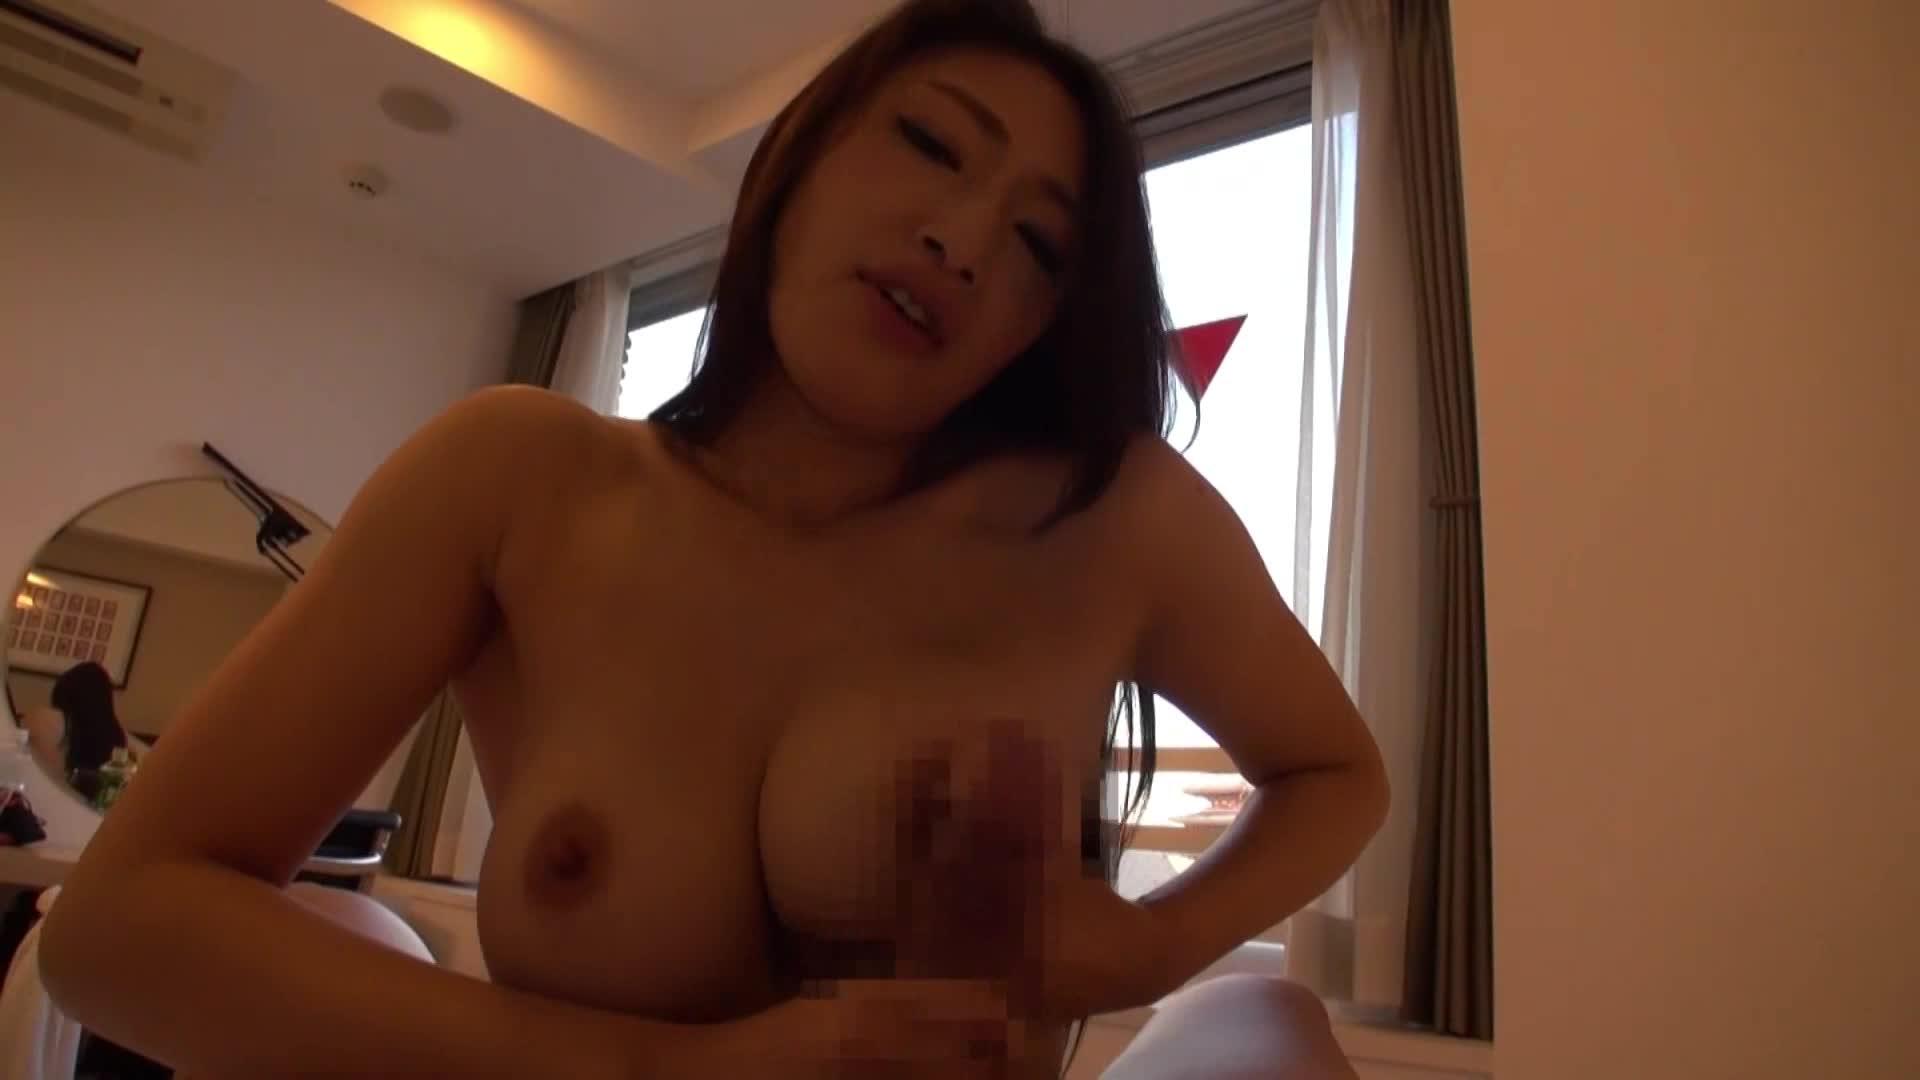 人妻動画NET 童顔な人妻がホテルで不倫セックス -